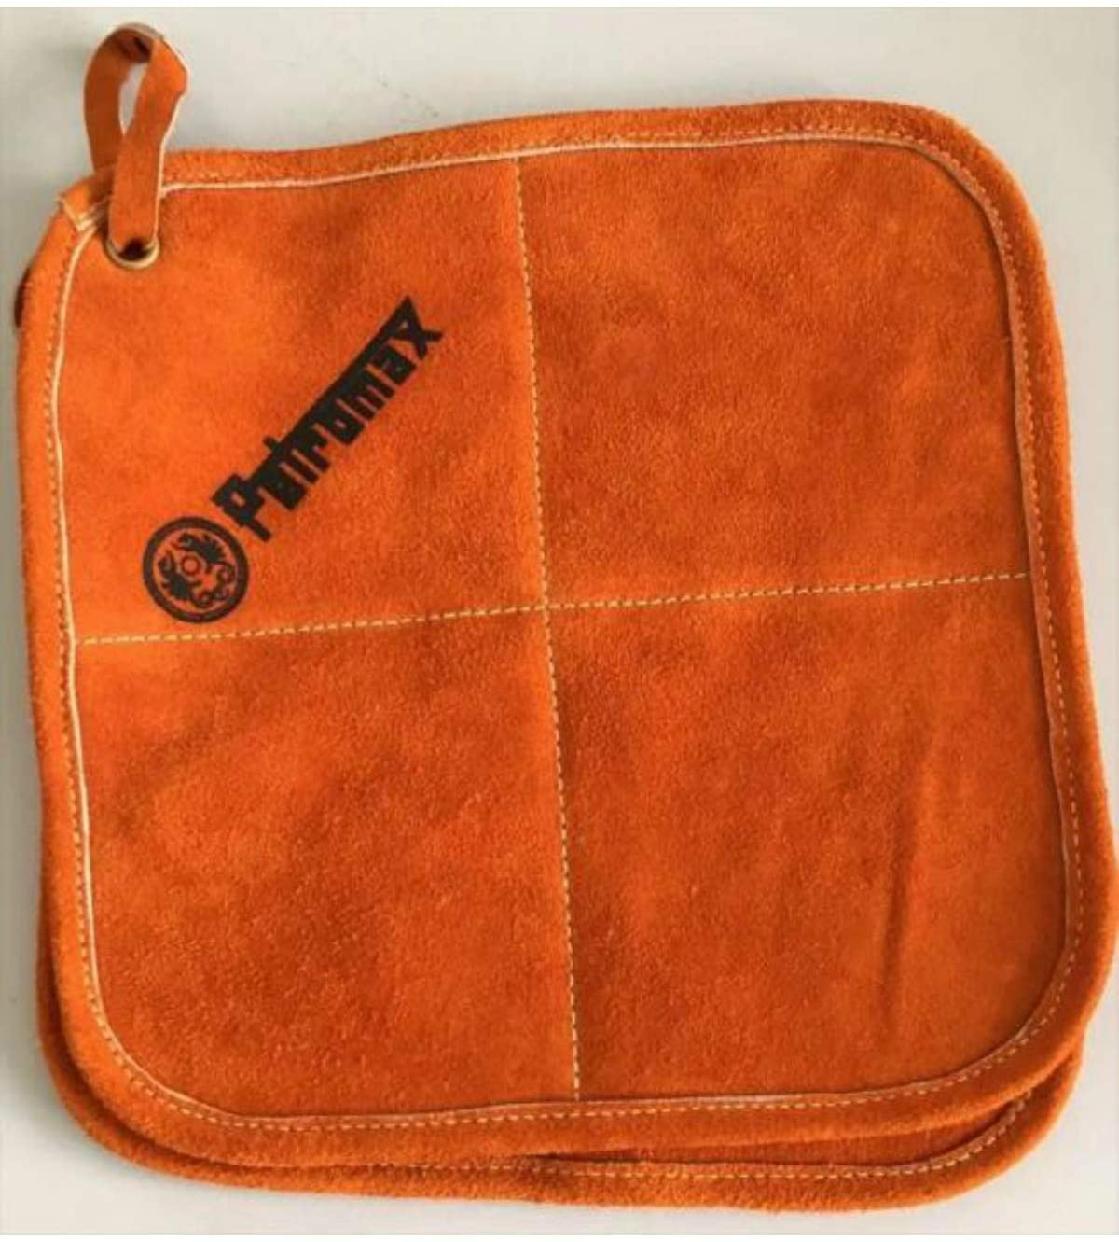 PETROMAX(ペトロマックス)アラミドポットホルダー(2枚組) 13333 オレンジの商品画像2